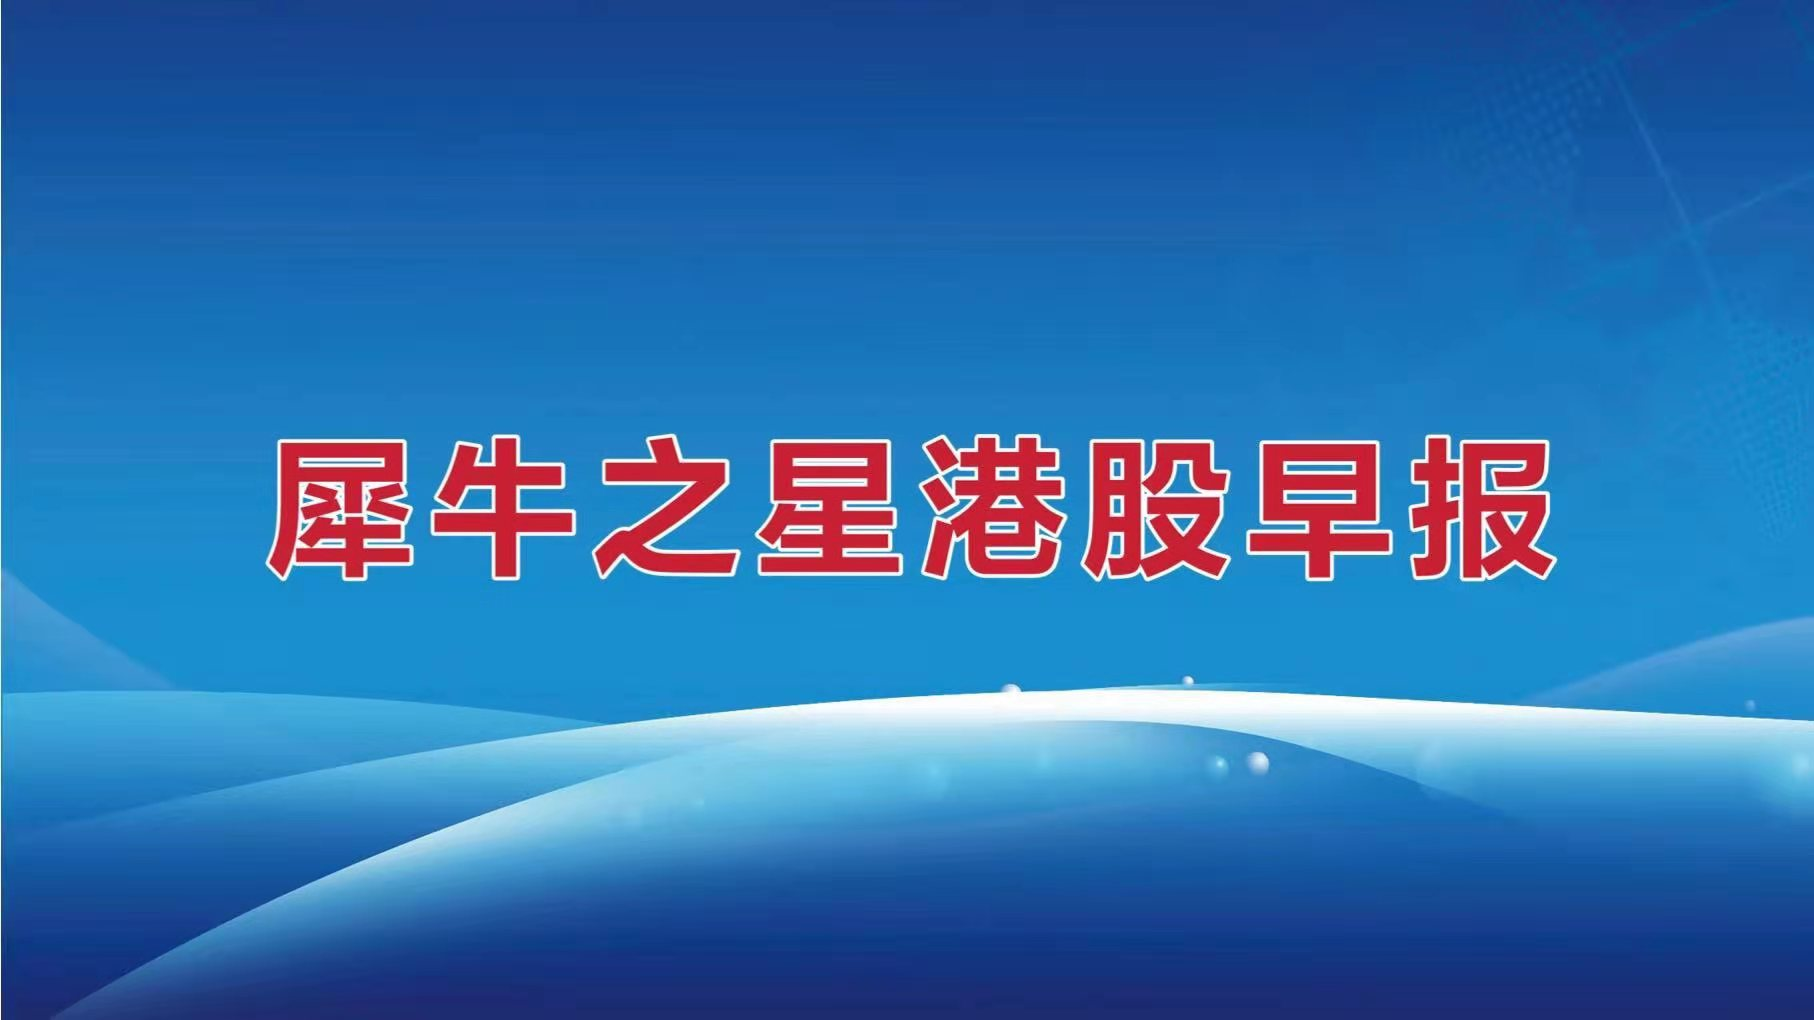 【犀牛之星港股早報】比亞迪股份中期營業額同比增長53.6%至891.31億元;上海電氣由盈轉虧中期歸母凈虧損約49.71億元